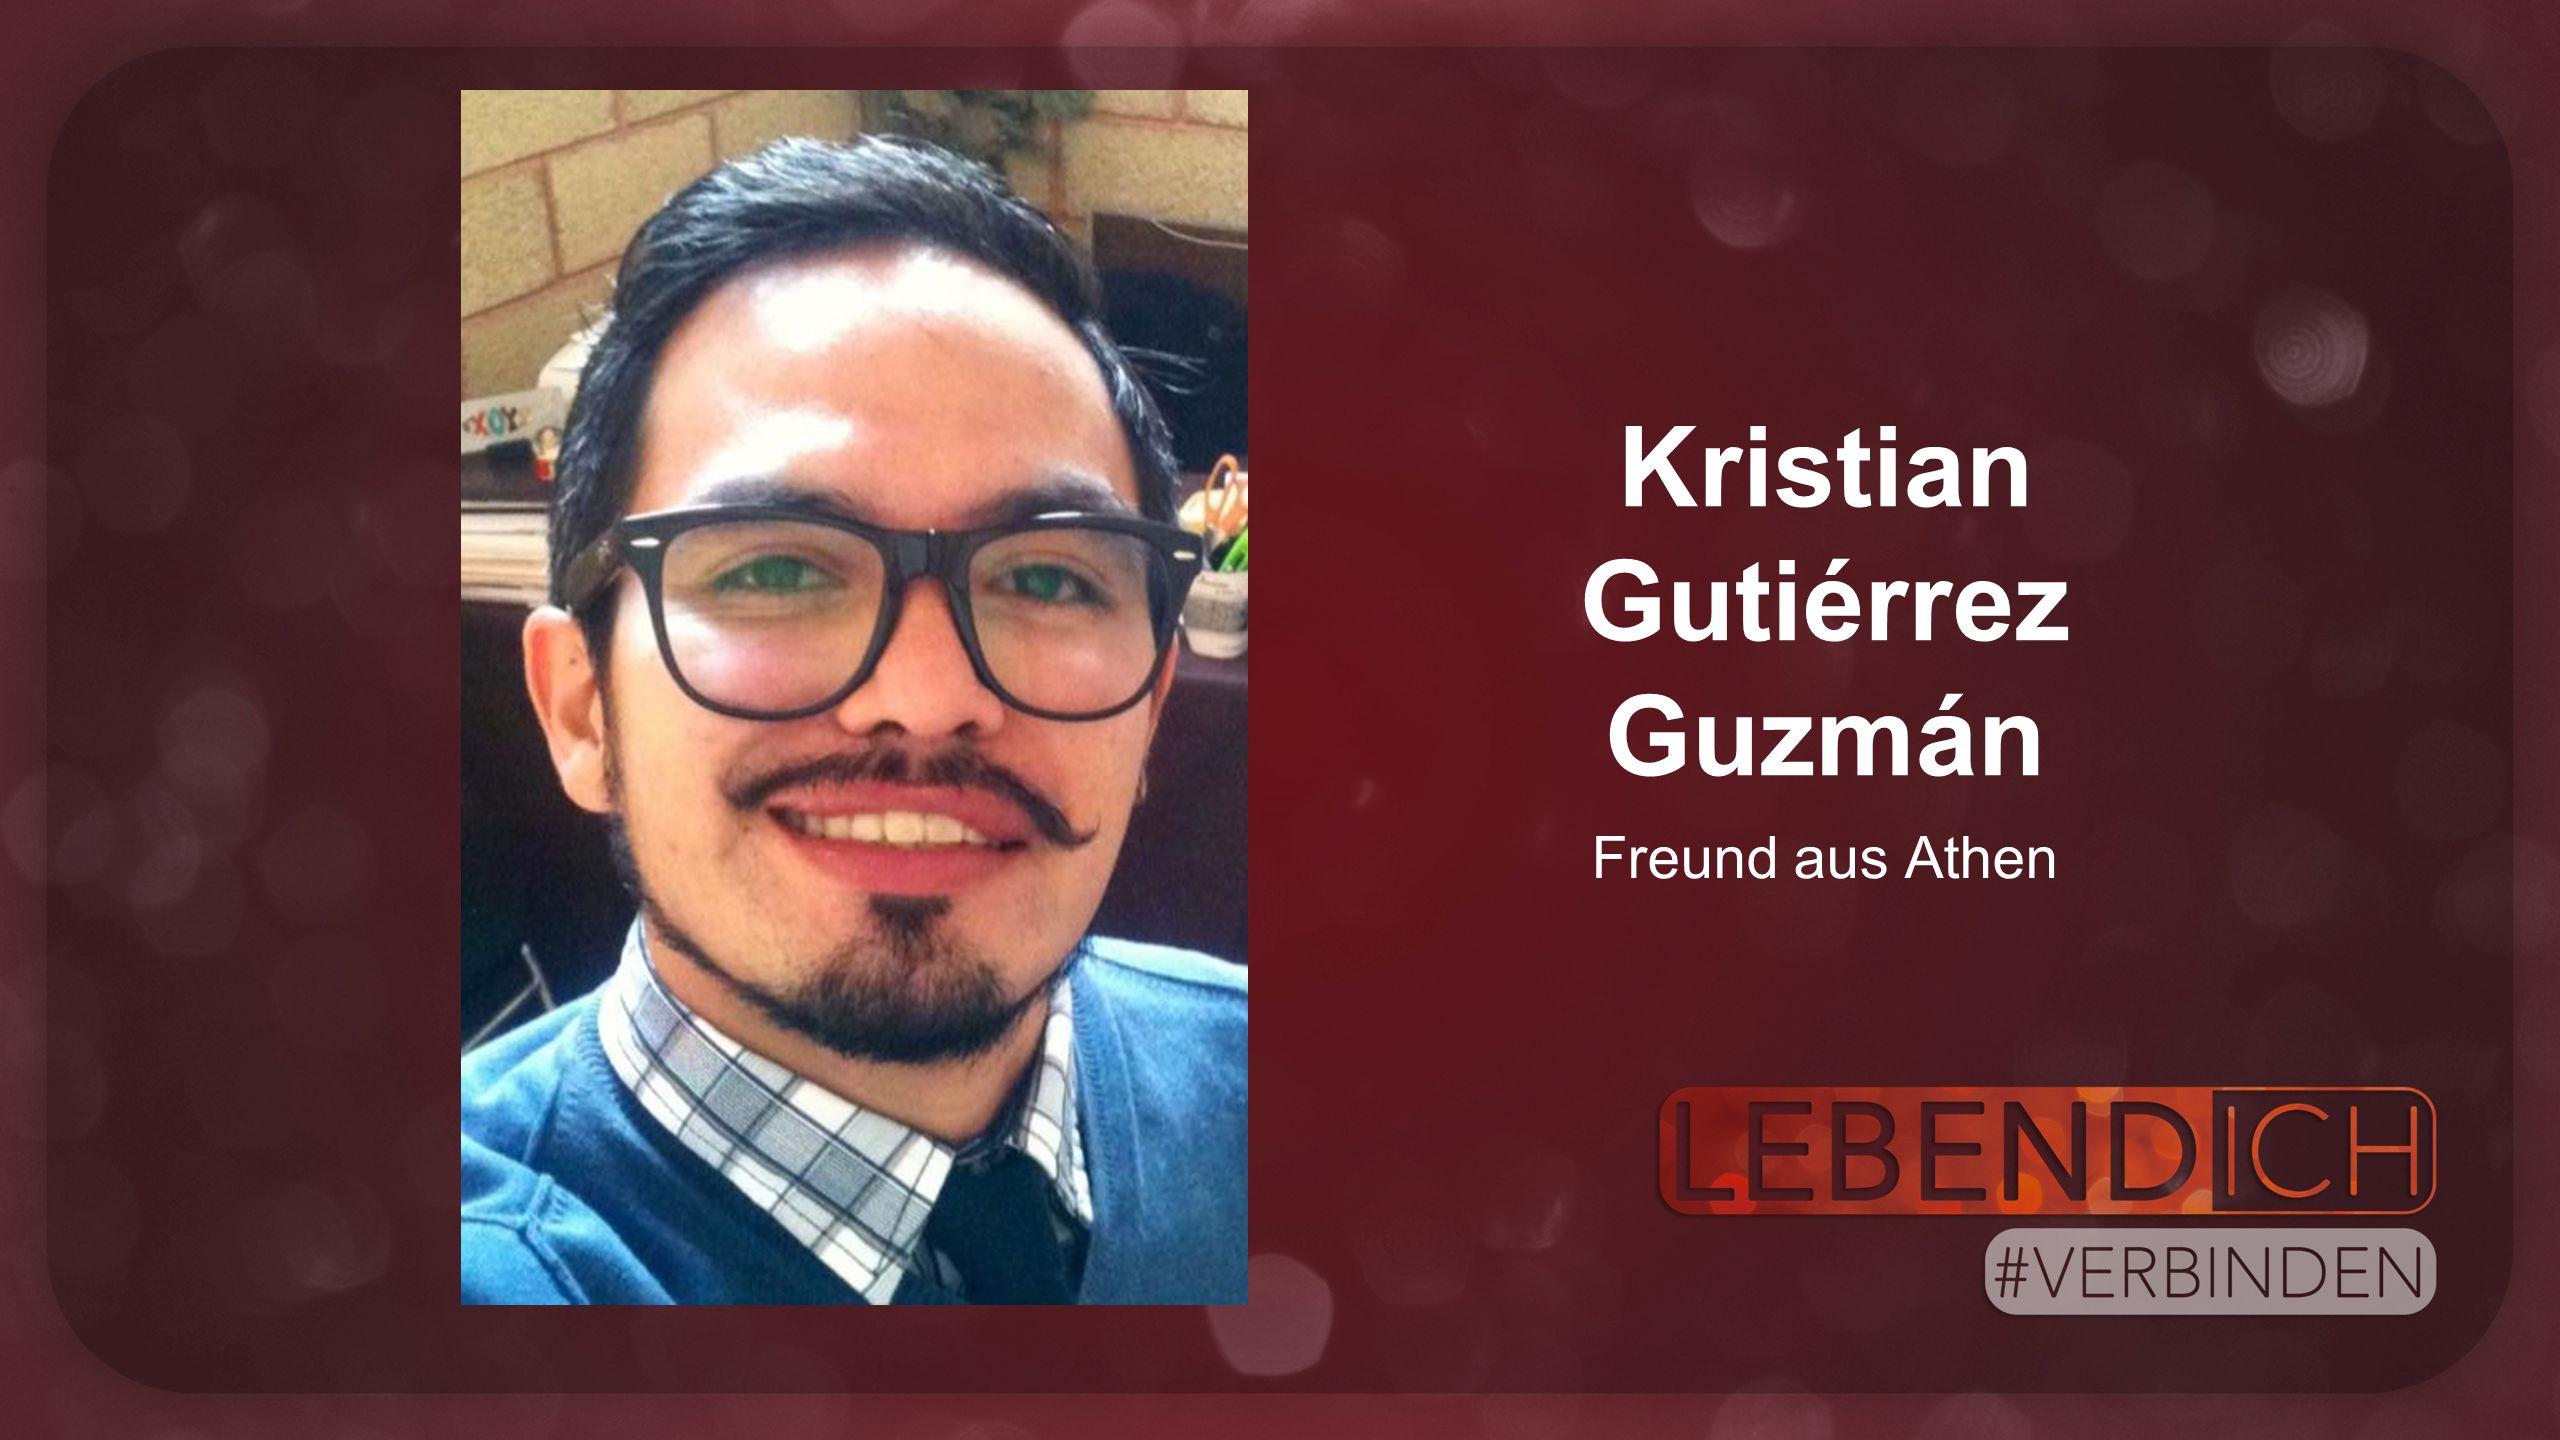 Kristian Gutiérrez Guzmán